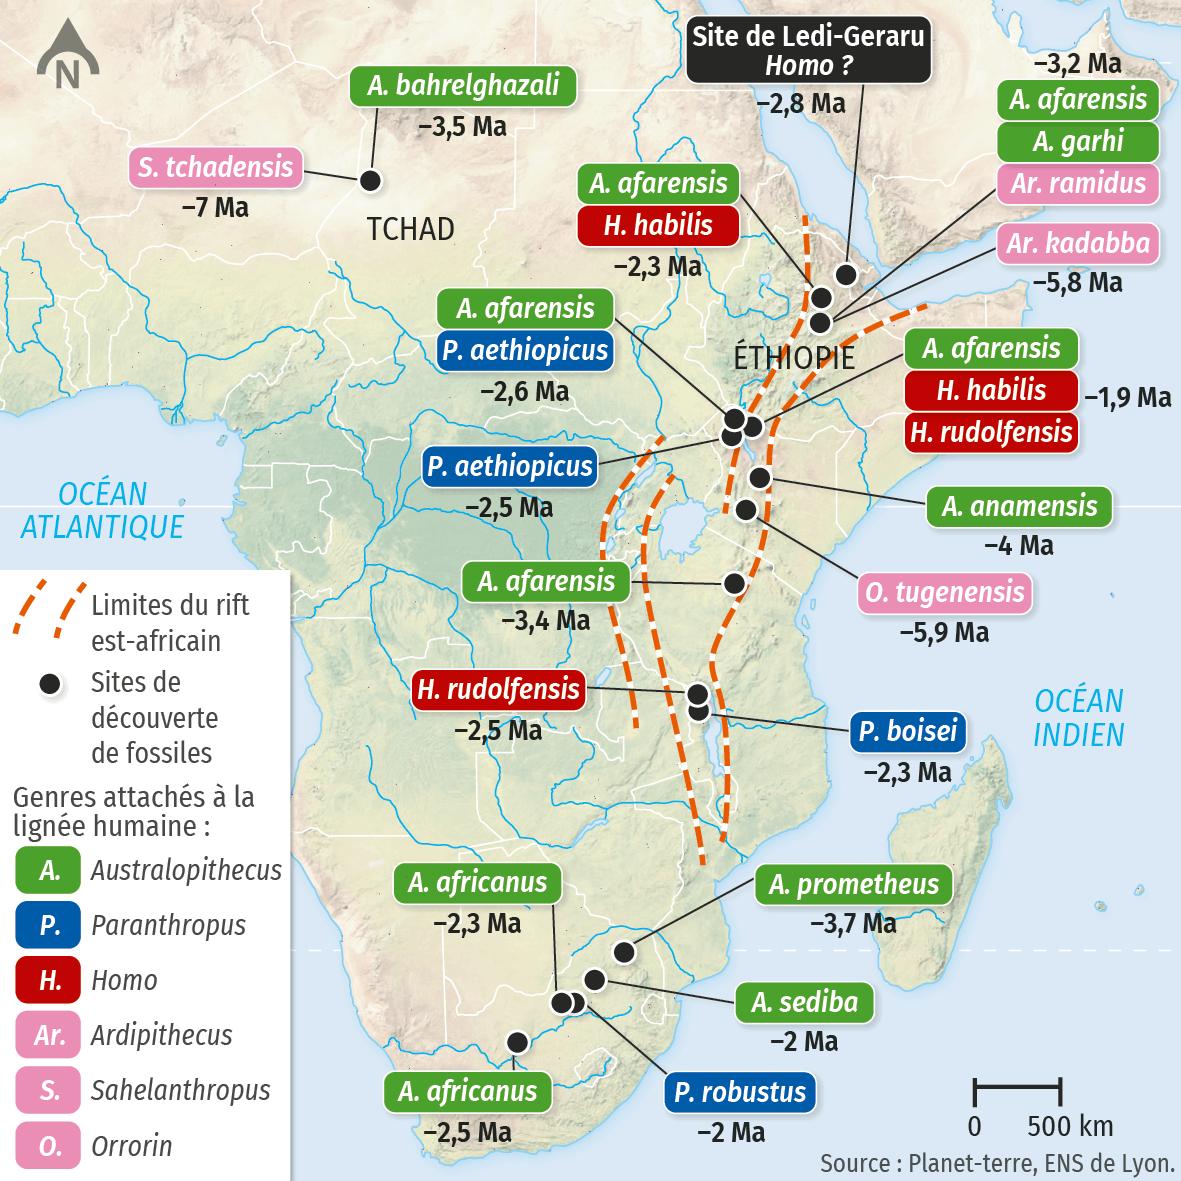 Carte des sites de découverte des fossiles